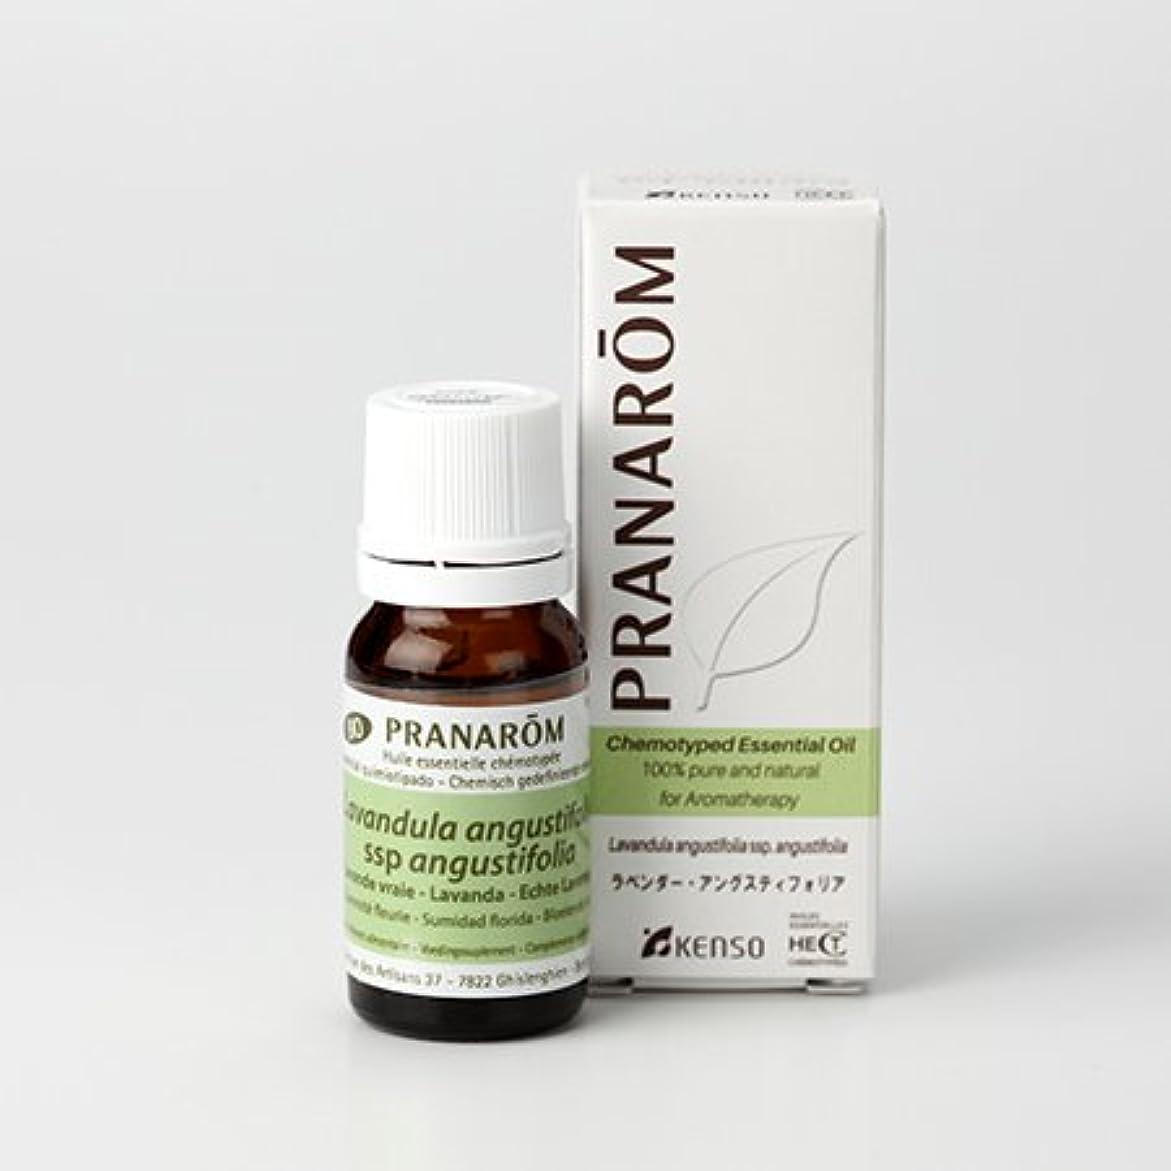 ために遠えむさぼり食うプラナロム精油(P-098 ラベンダーアングスティフォリア?10ml)